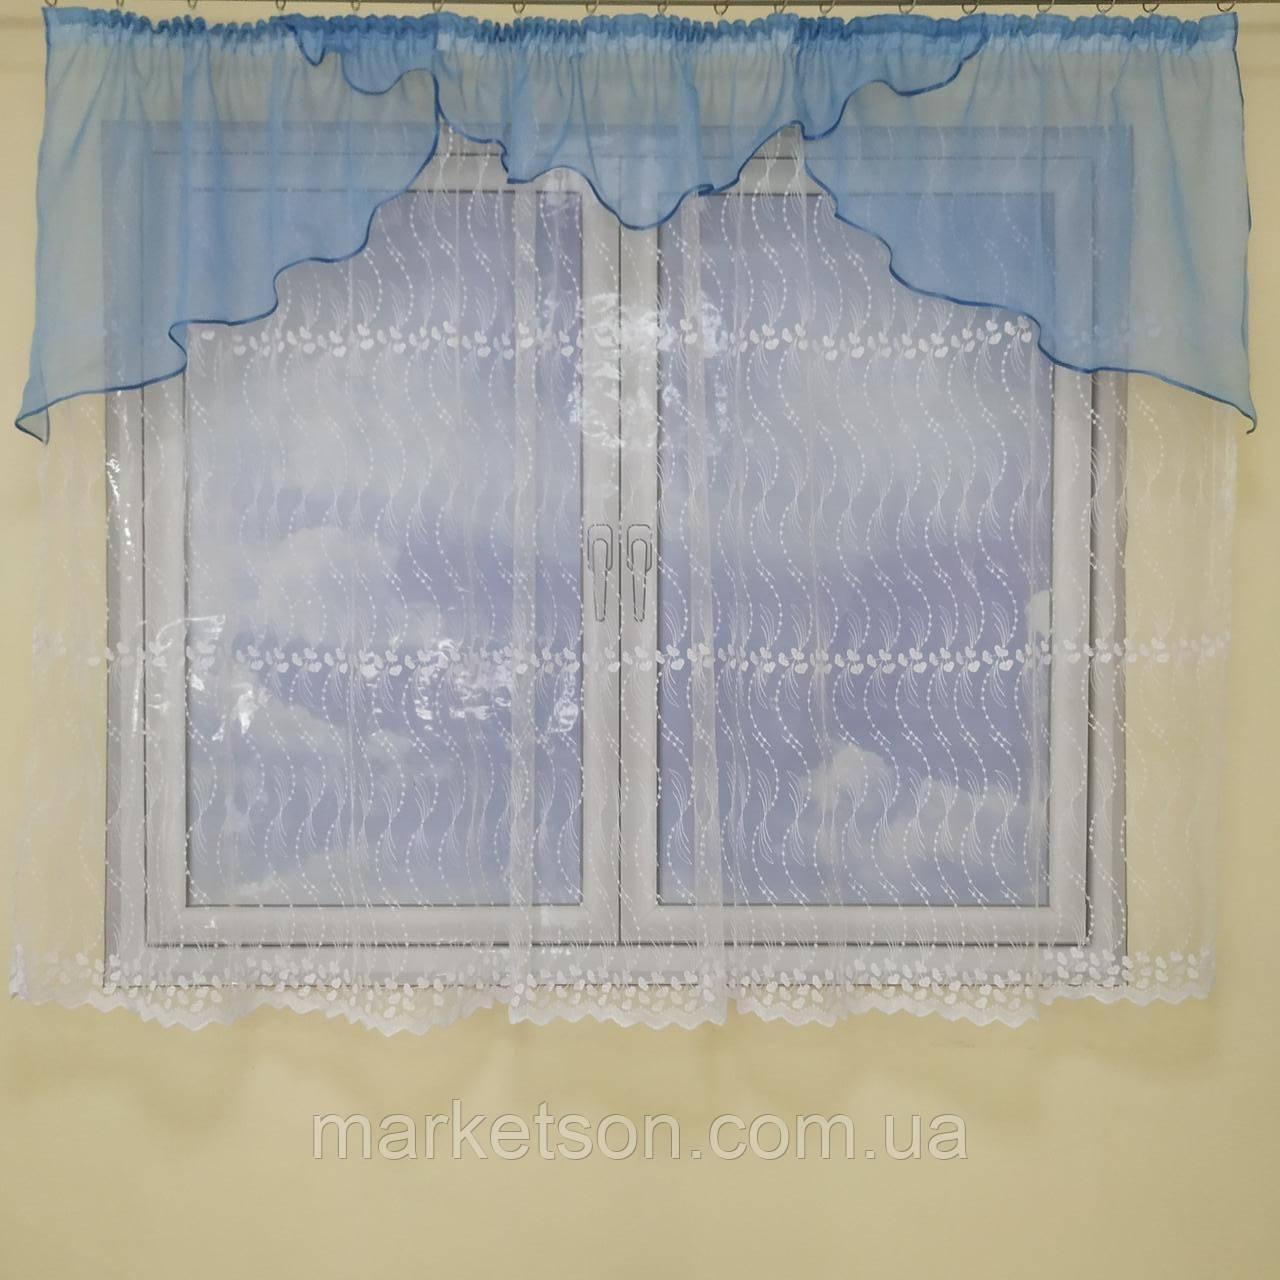 Тюль з ламбрекеном Світлана на карниз 1.5-2м